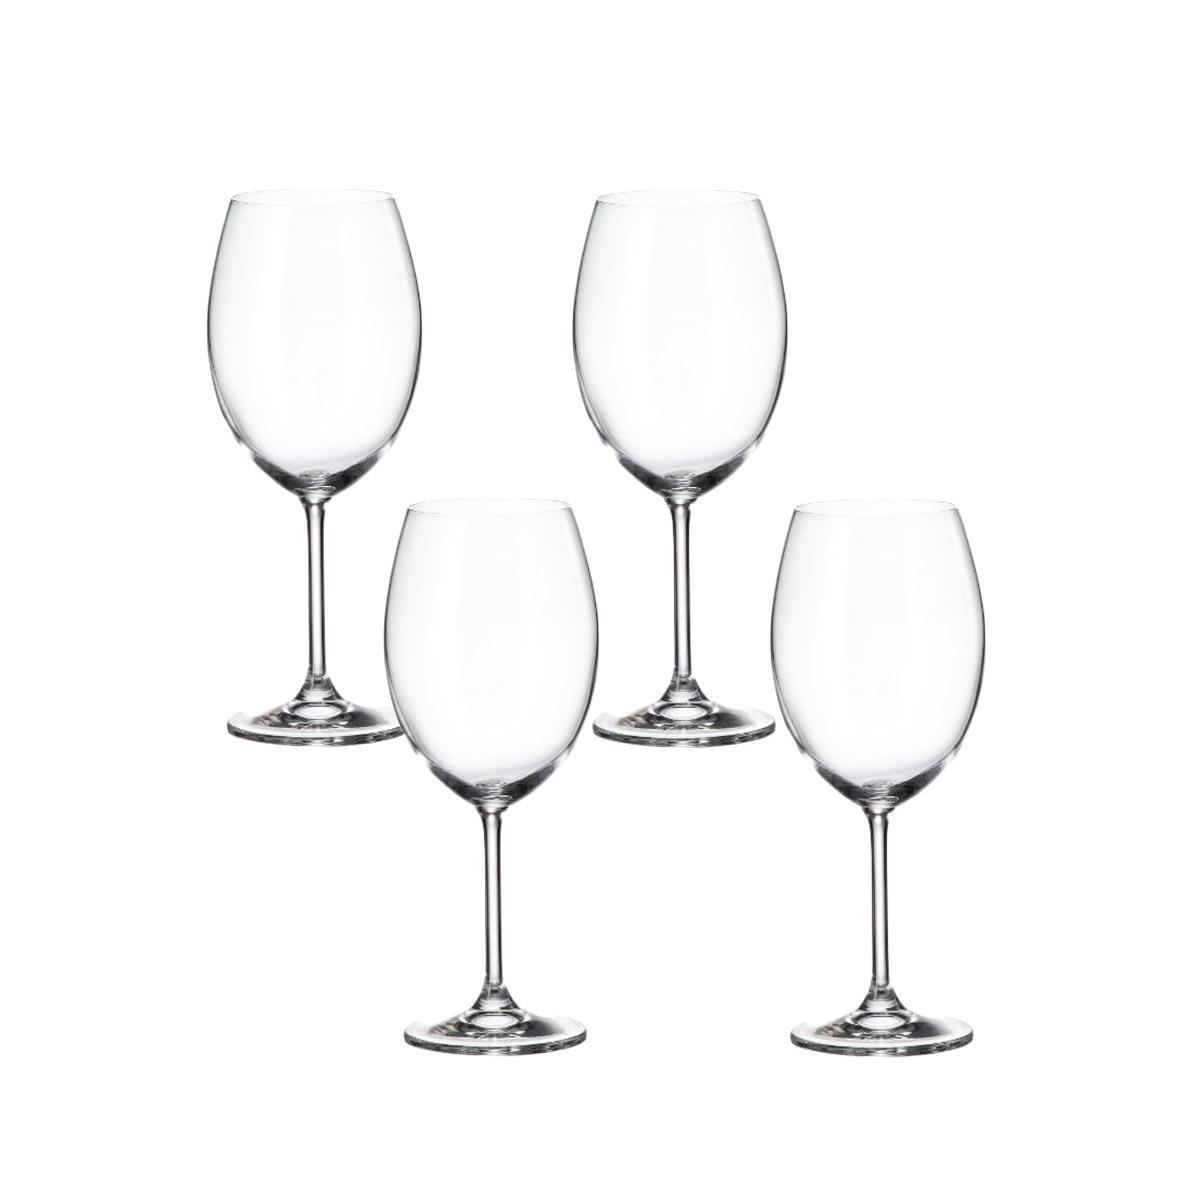 Jogo 4 Taça para Degustação de Vinho Cristal Ecológico 580 ml  - Lemis